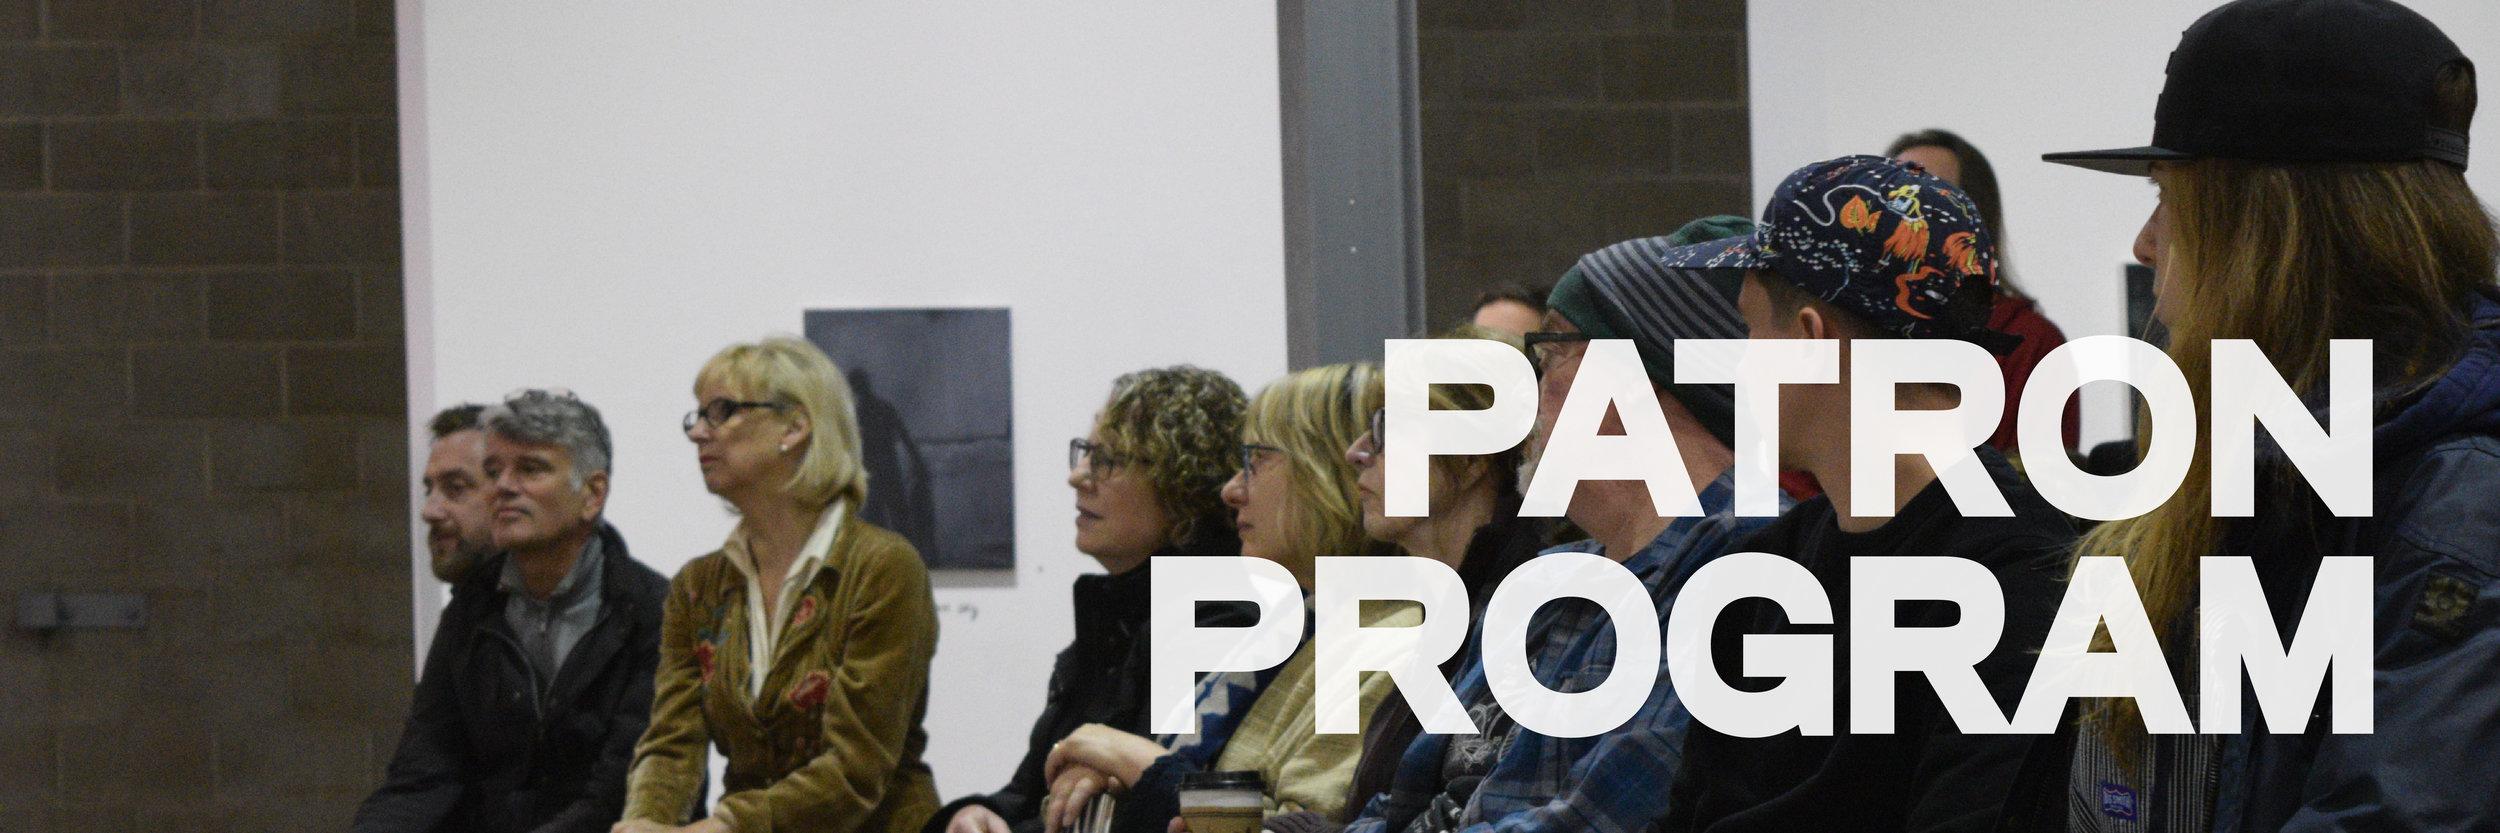 PATRON PROGRAM slider-01.jpg